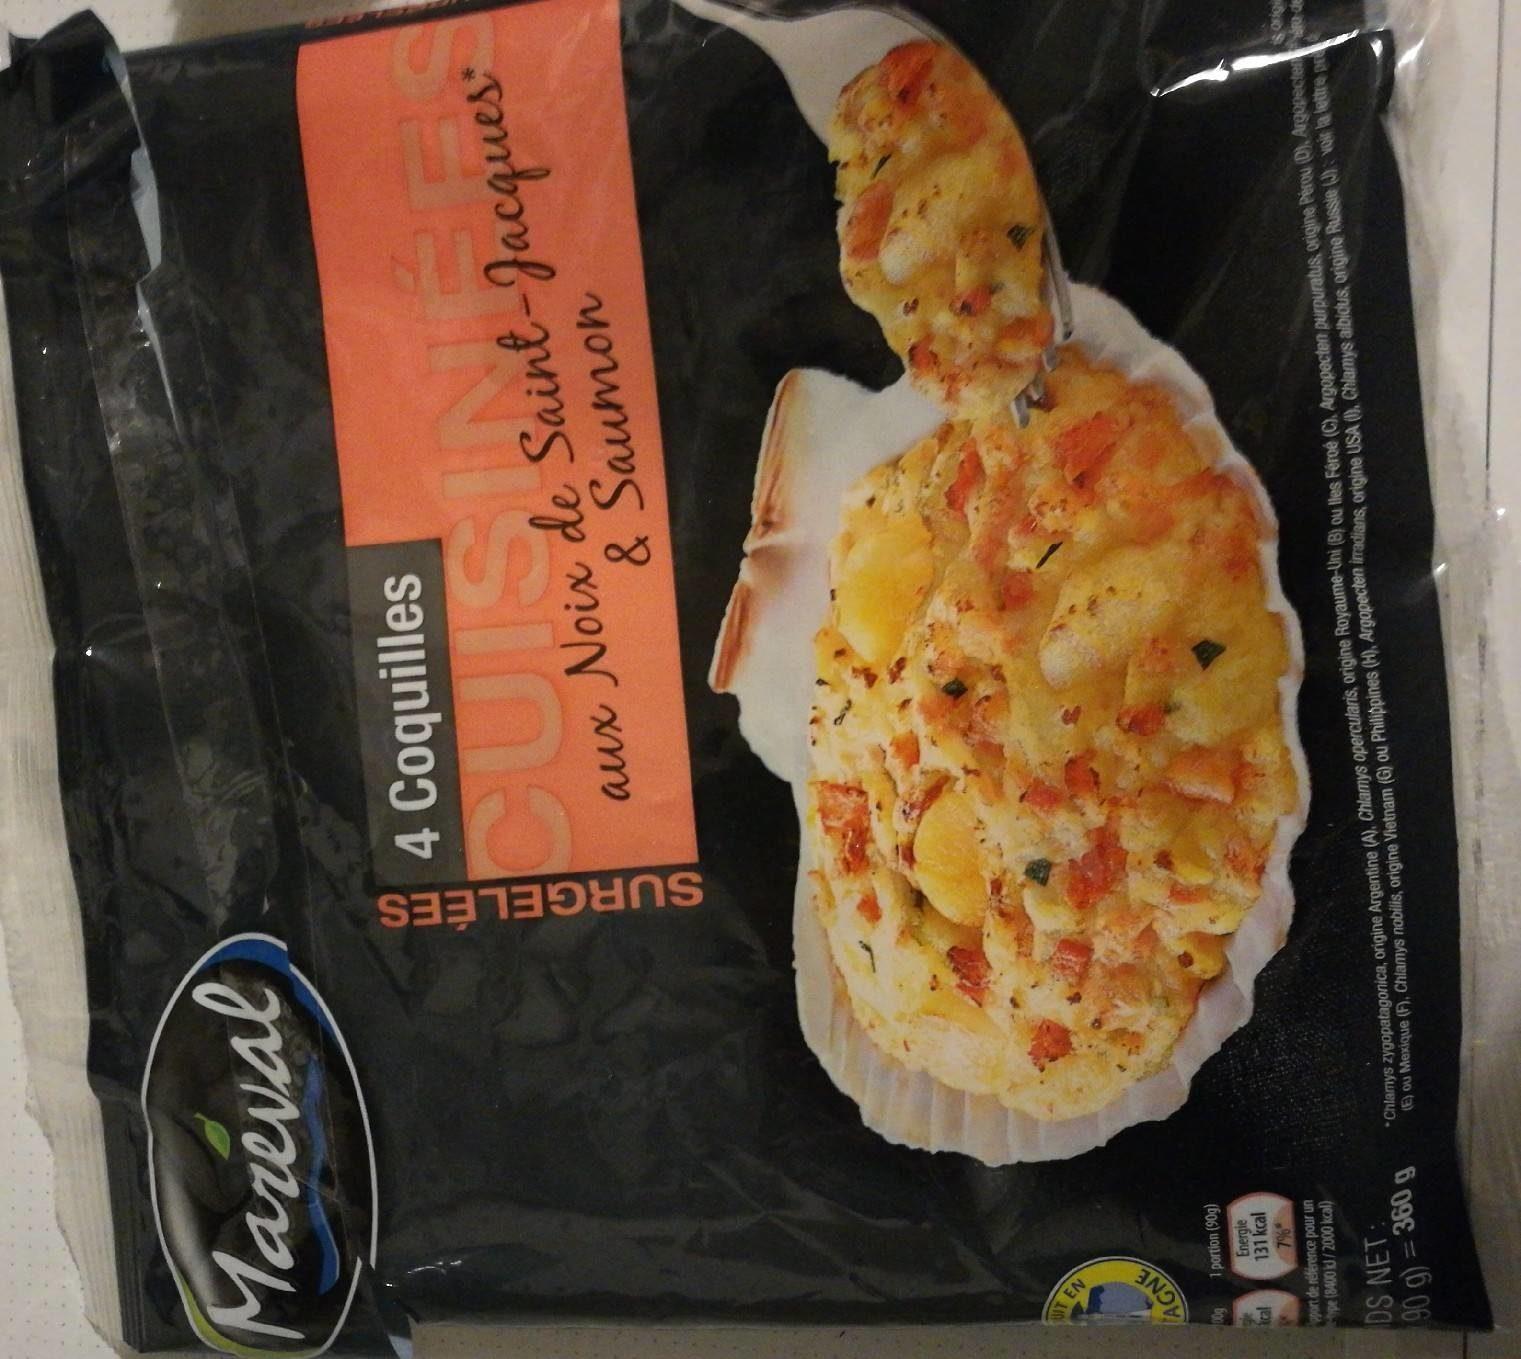 Coquilles aux noix de Saint Jacques et saumon - Product